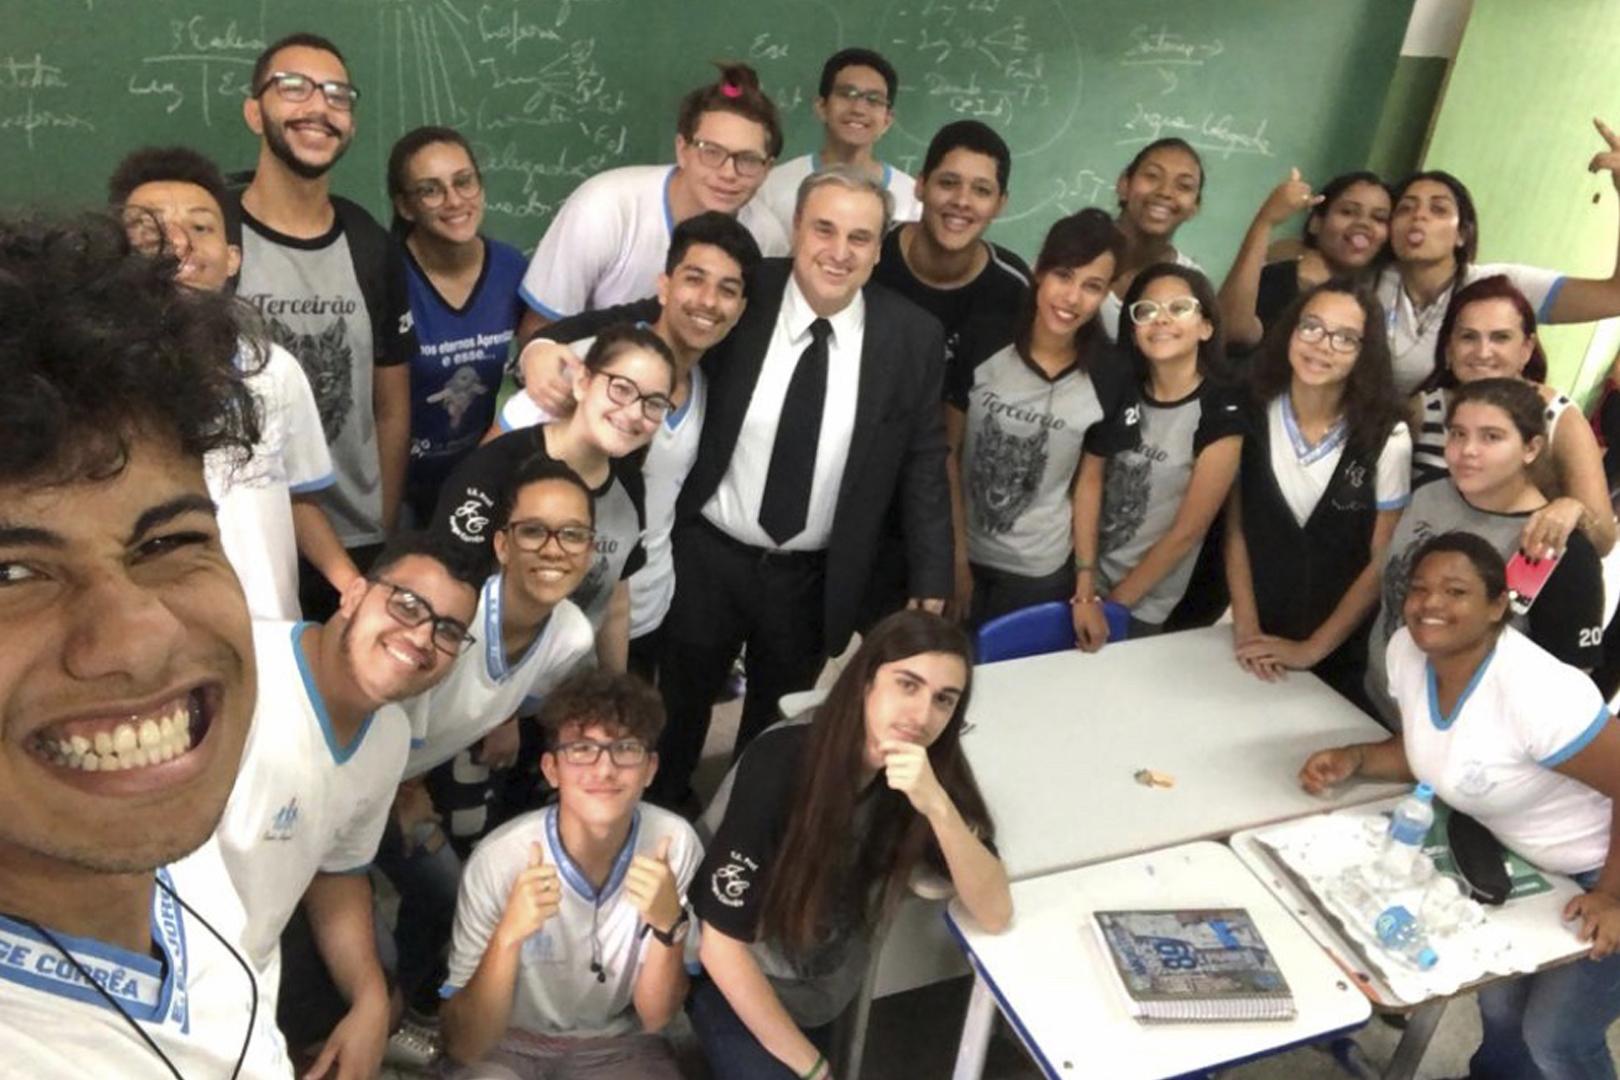 Magistrado conversa com alunos de escola estadual sobre carreira jurídica